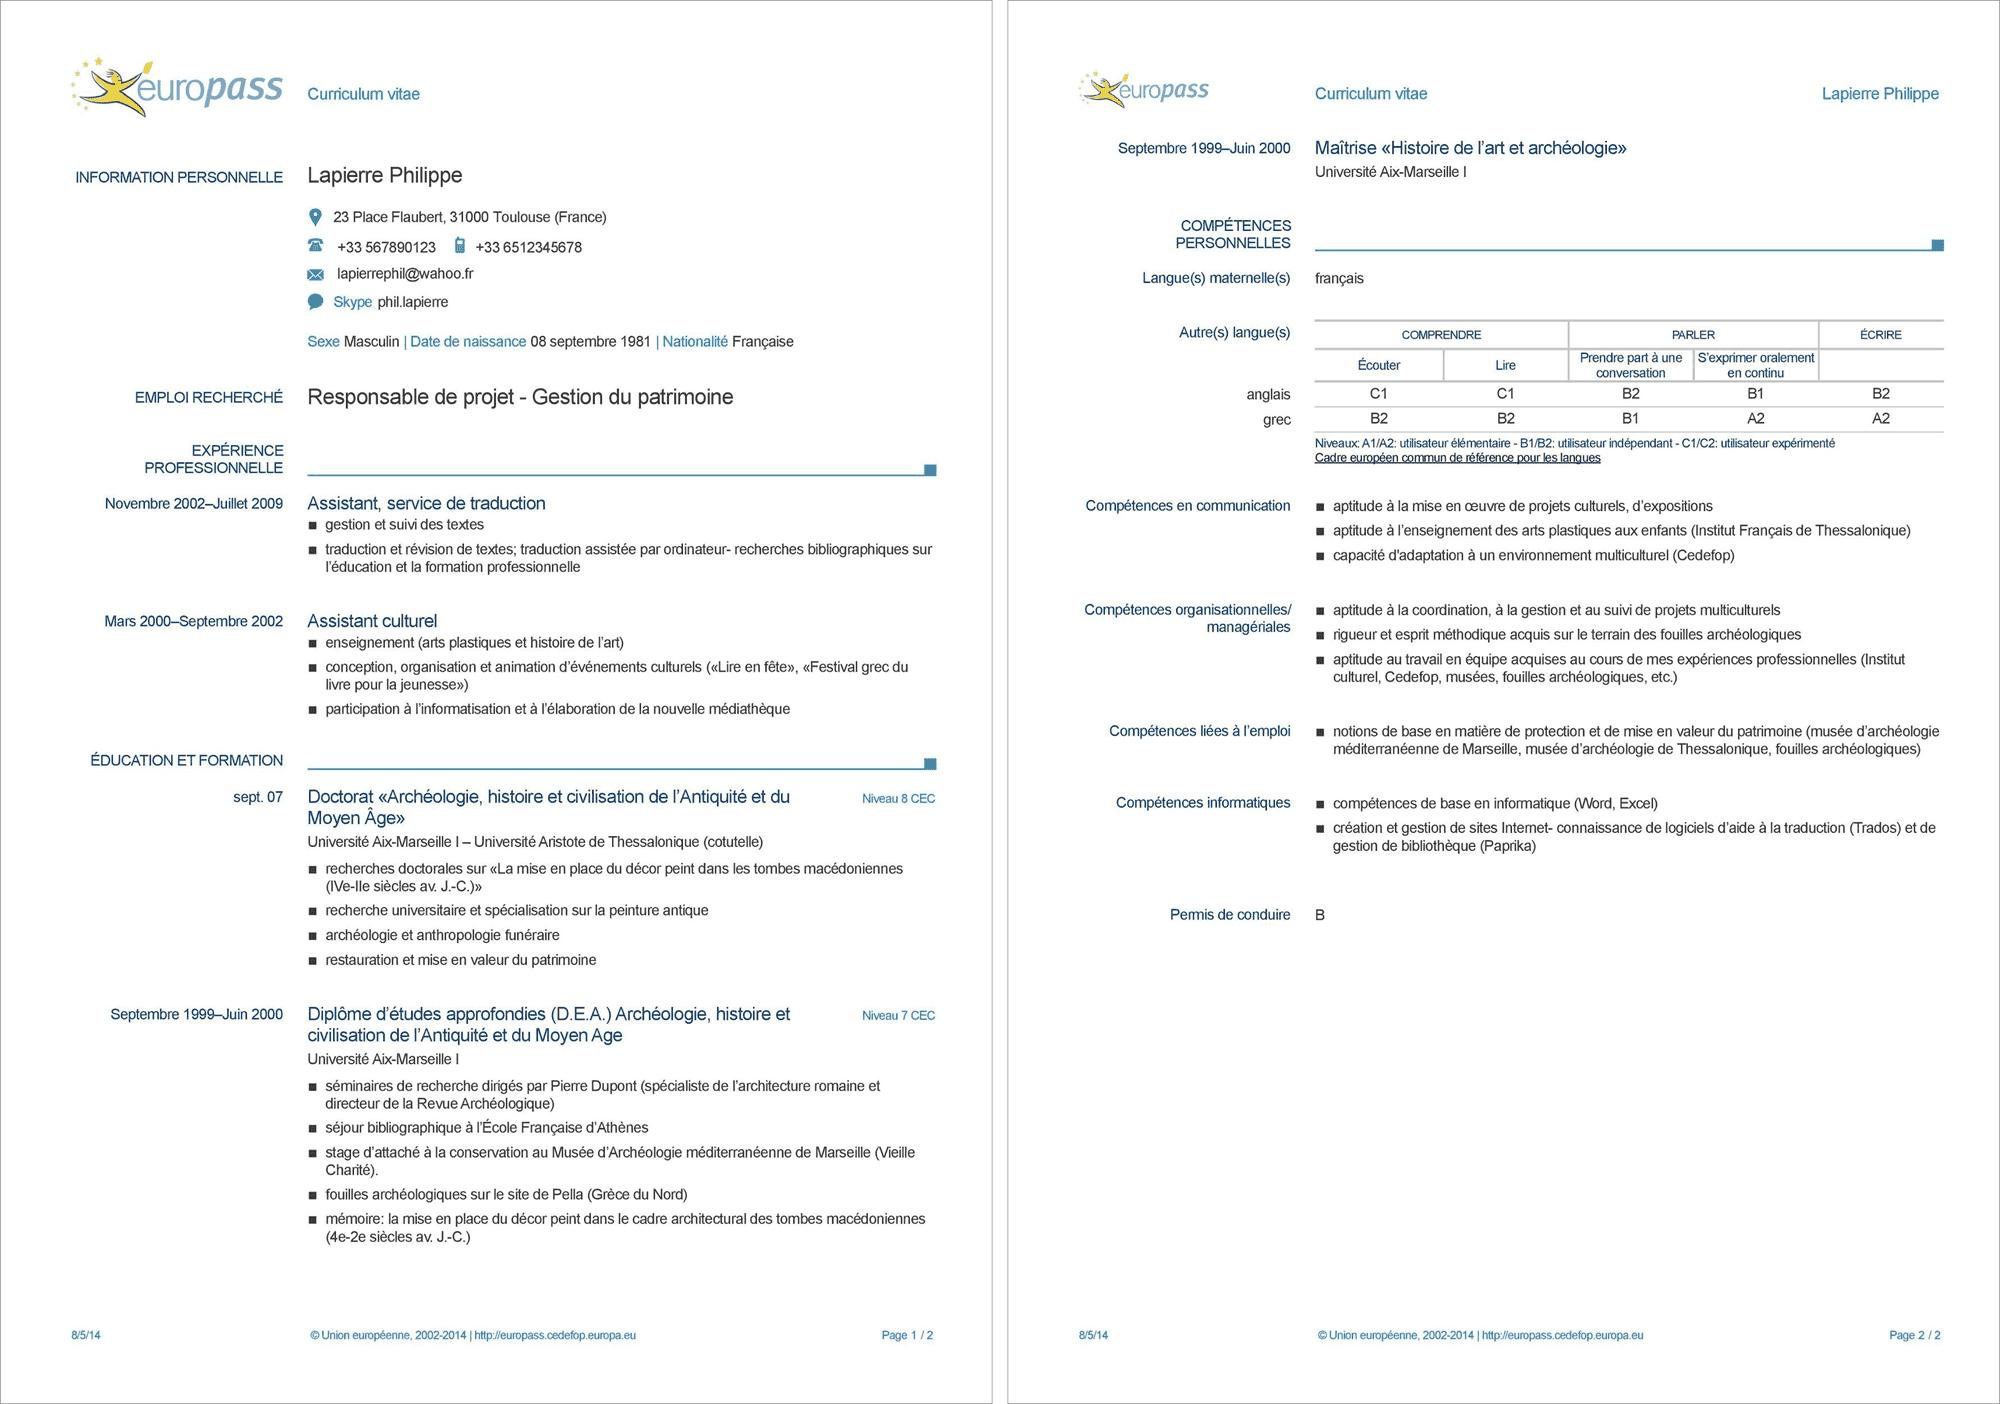 CV Europass : le CV format européen gratuit est-il efficace